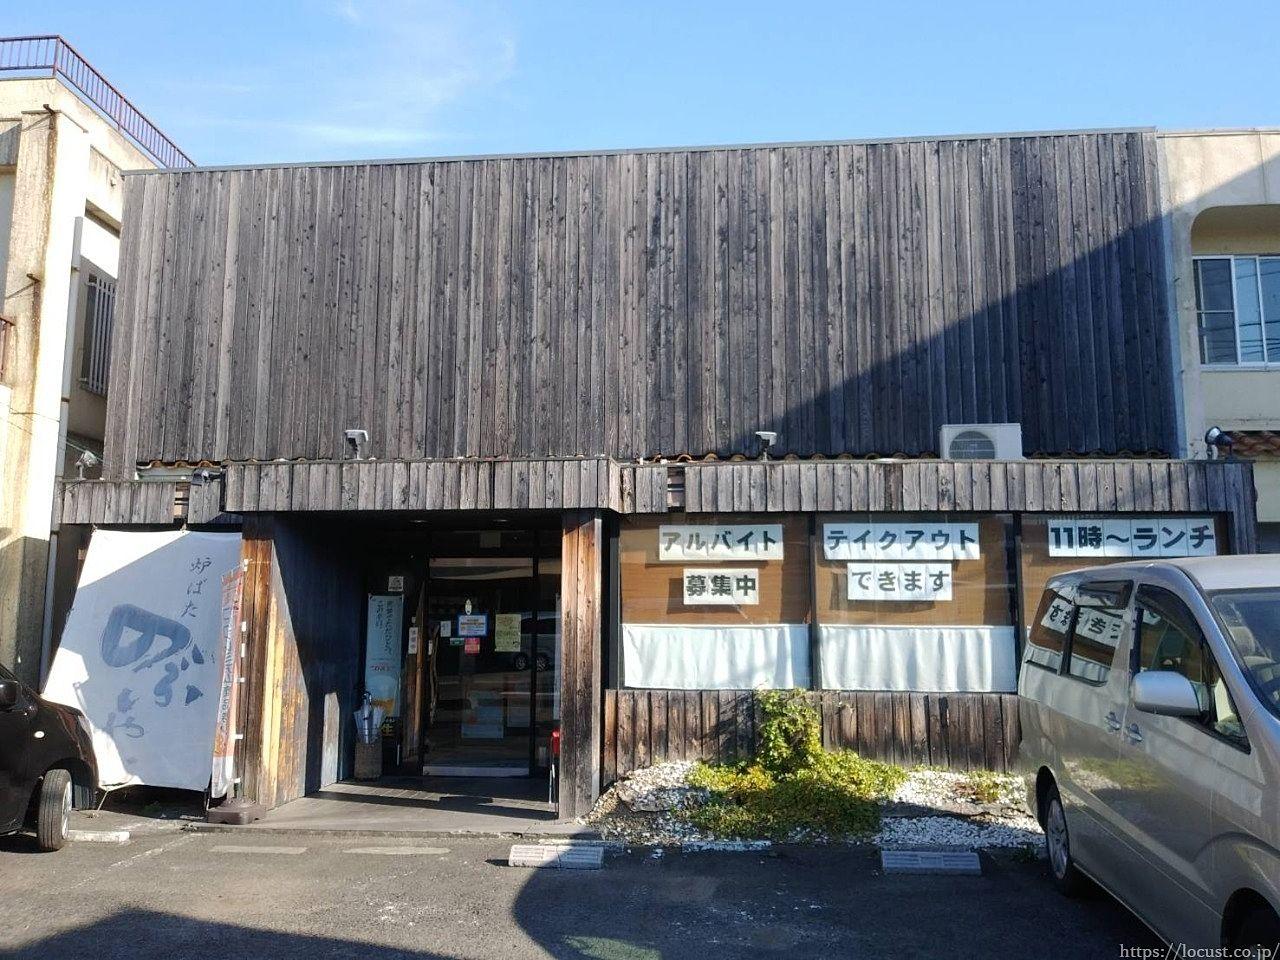 東海市名和町 炉ばたのぶや に行ってきました。魚料理に力を入れているお店でした。